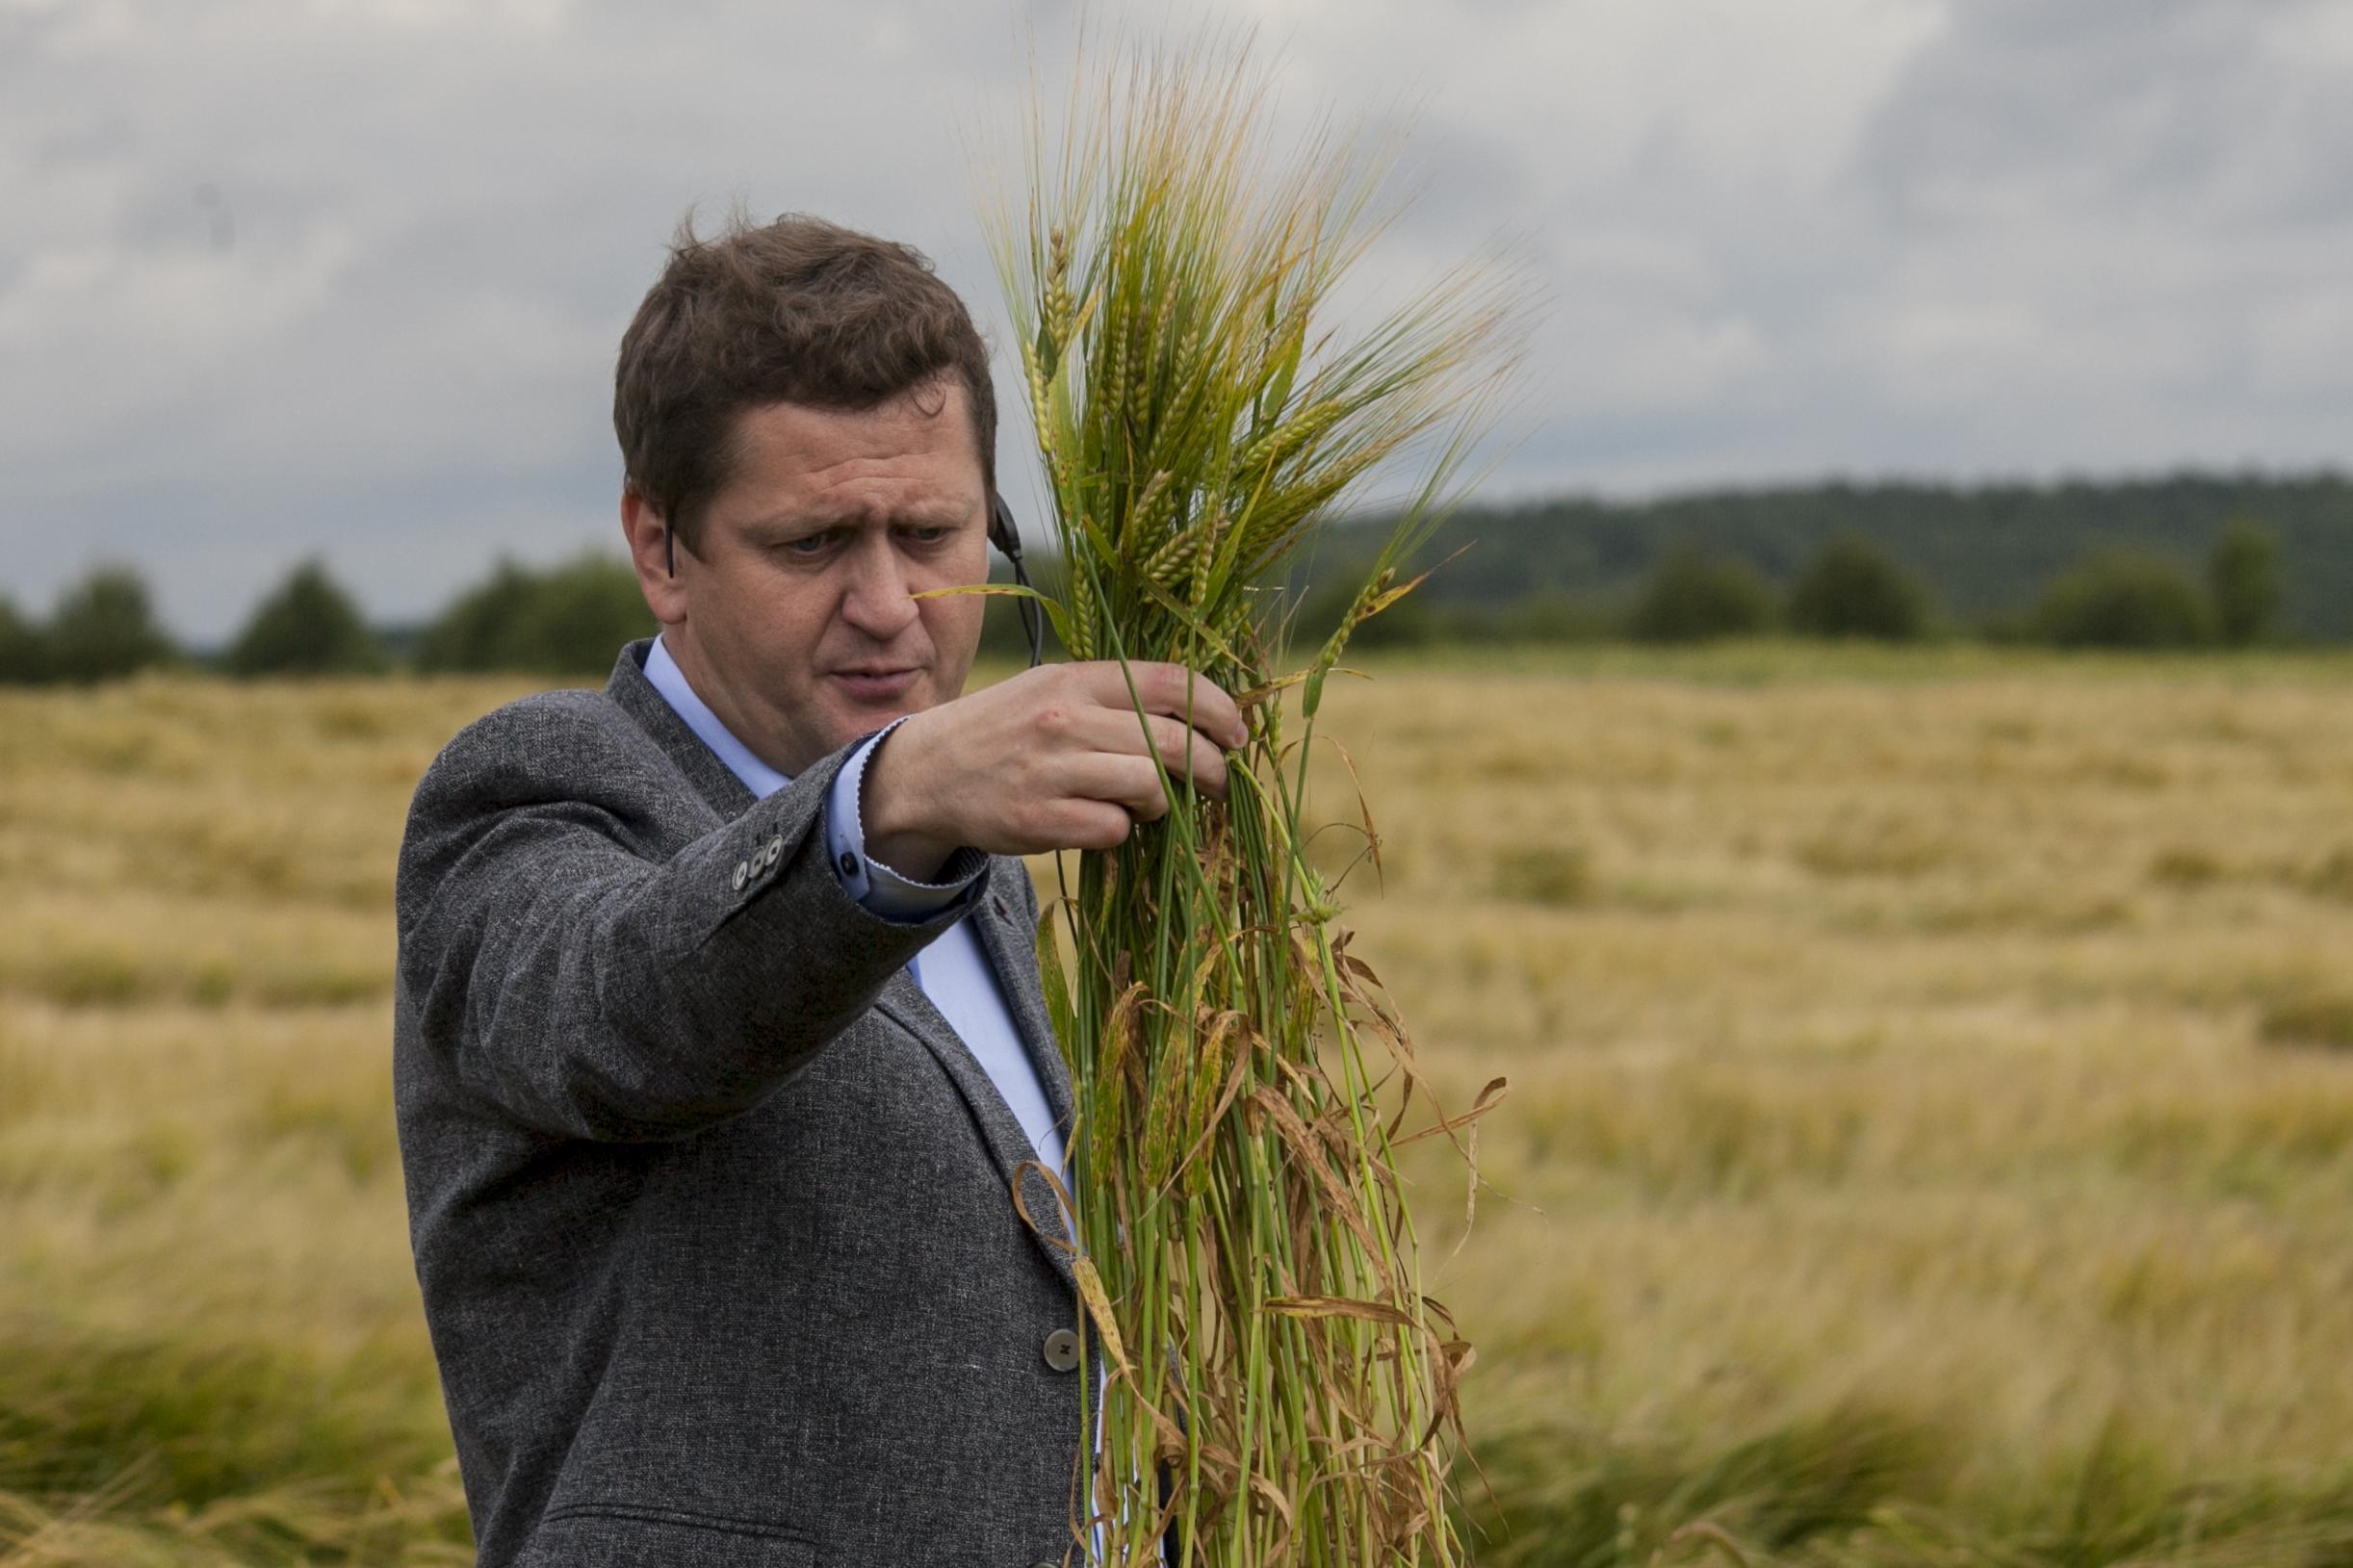 Игорь Матвеев, начальник производства и качества Carlsberg Eastern Europe осматривает урожай